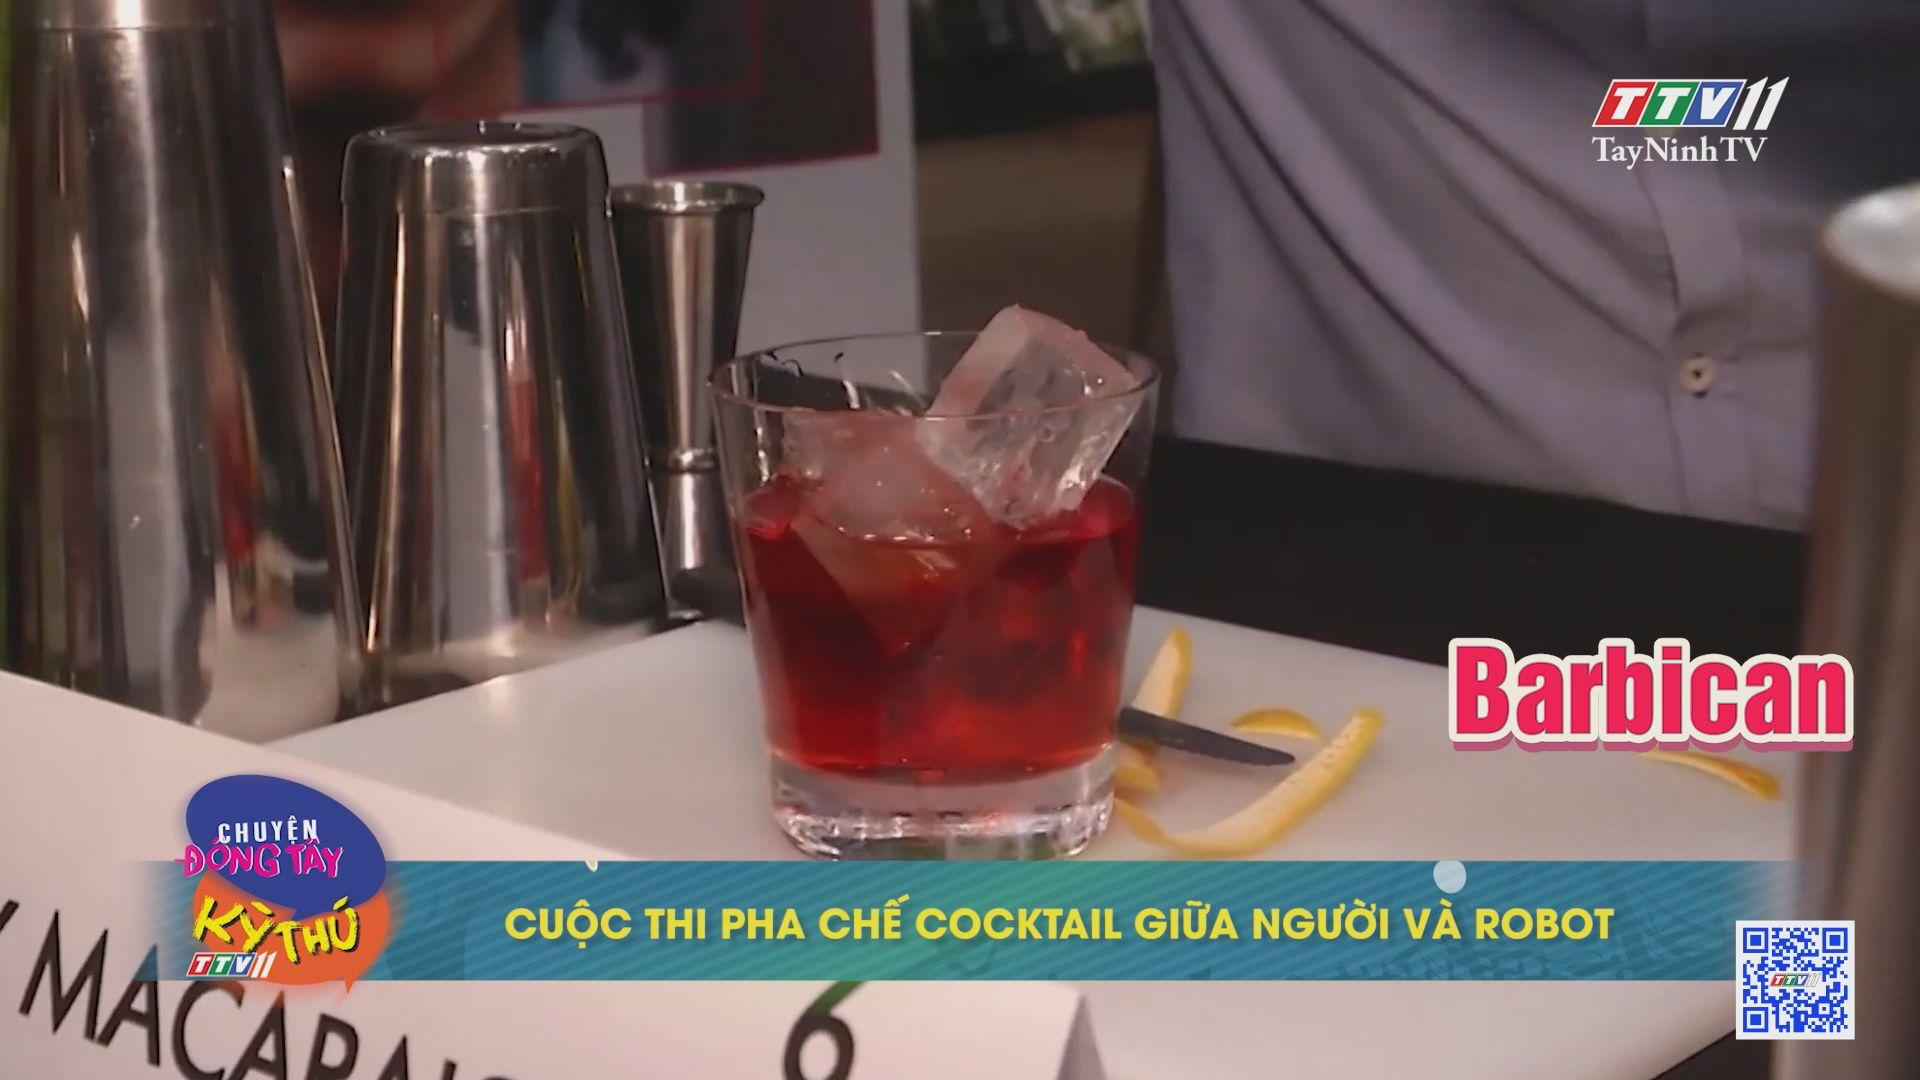 Cuộc thi pha chế cocktail giữa người và robot | CHUYỆN ĐÔNG TÂY KỲ THÚ | TayNinhTV